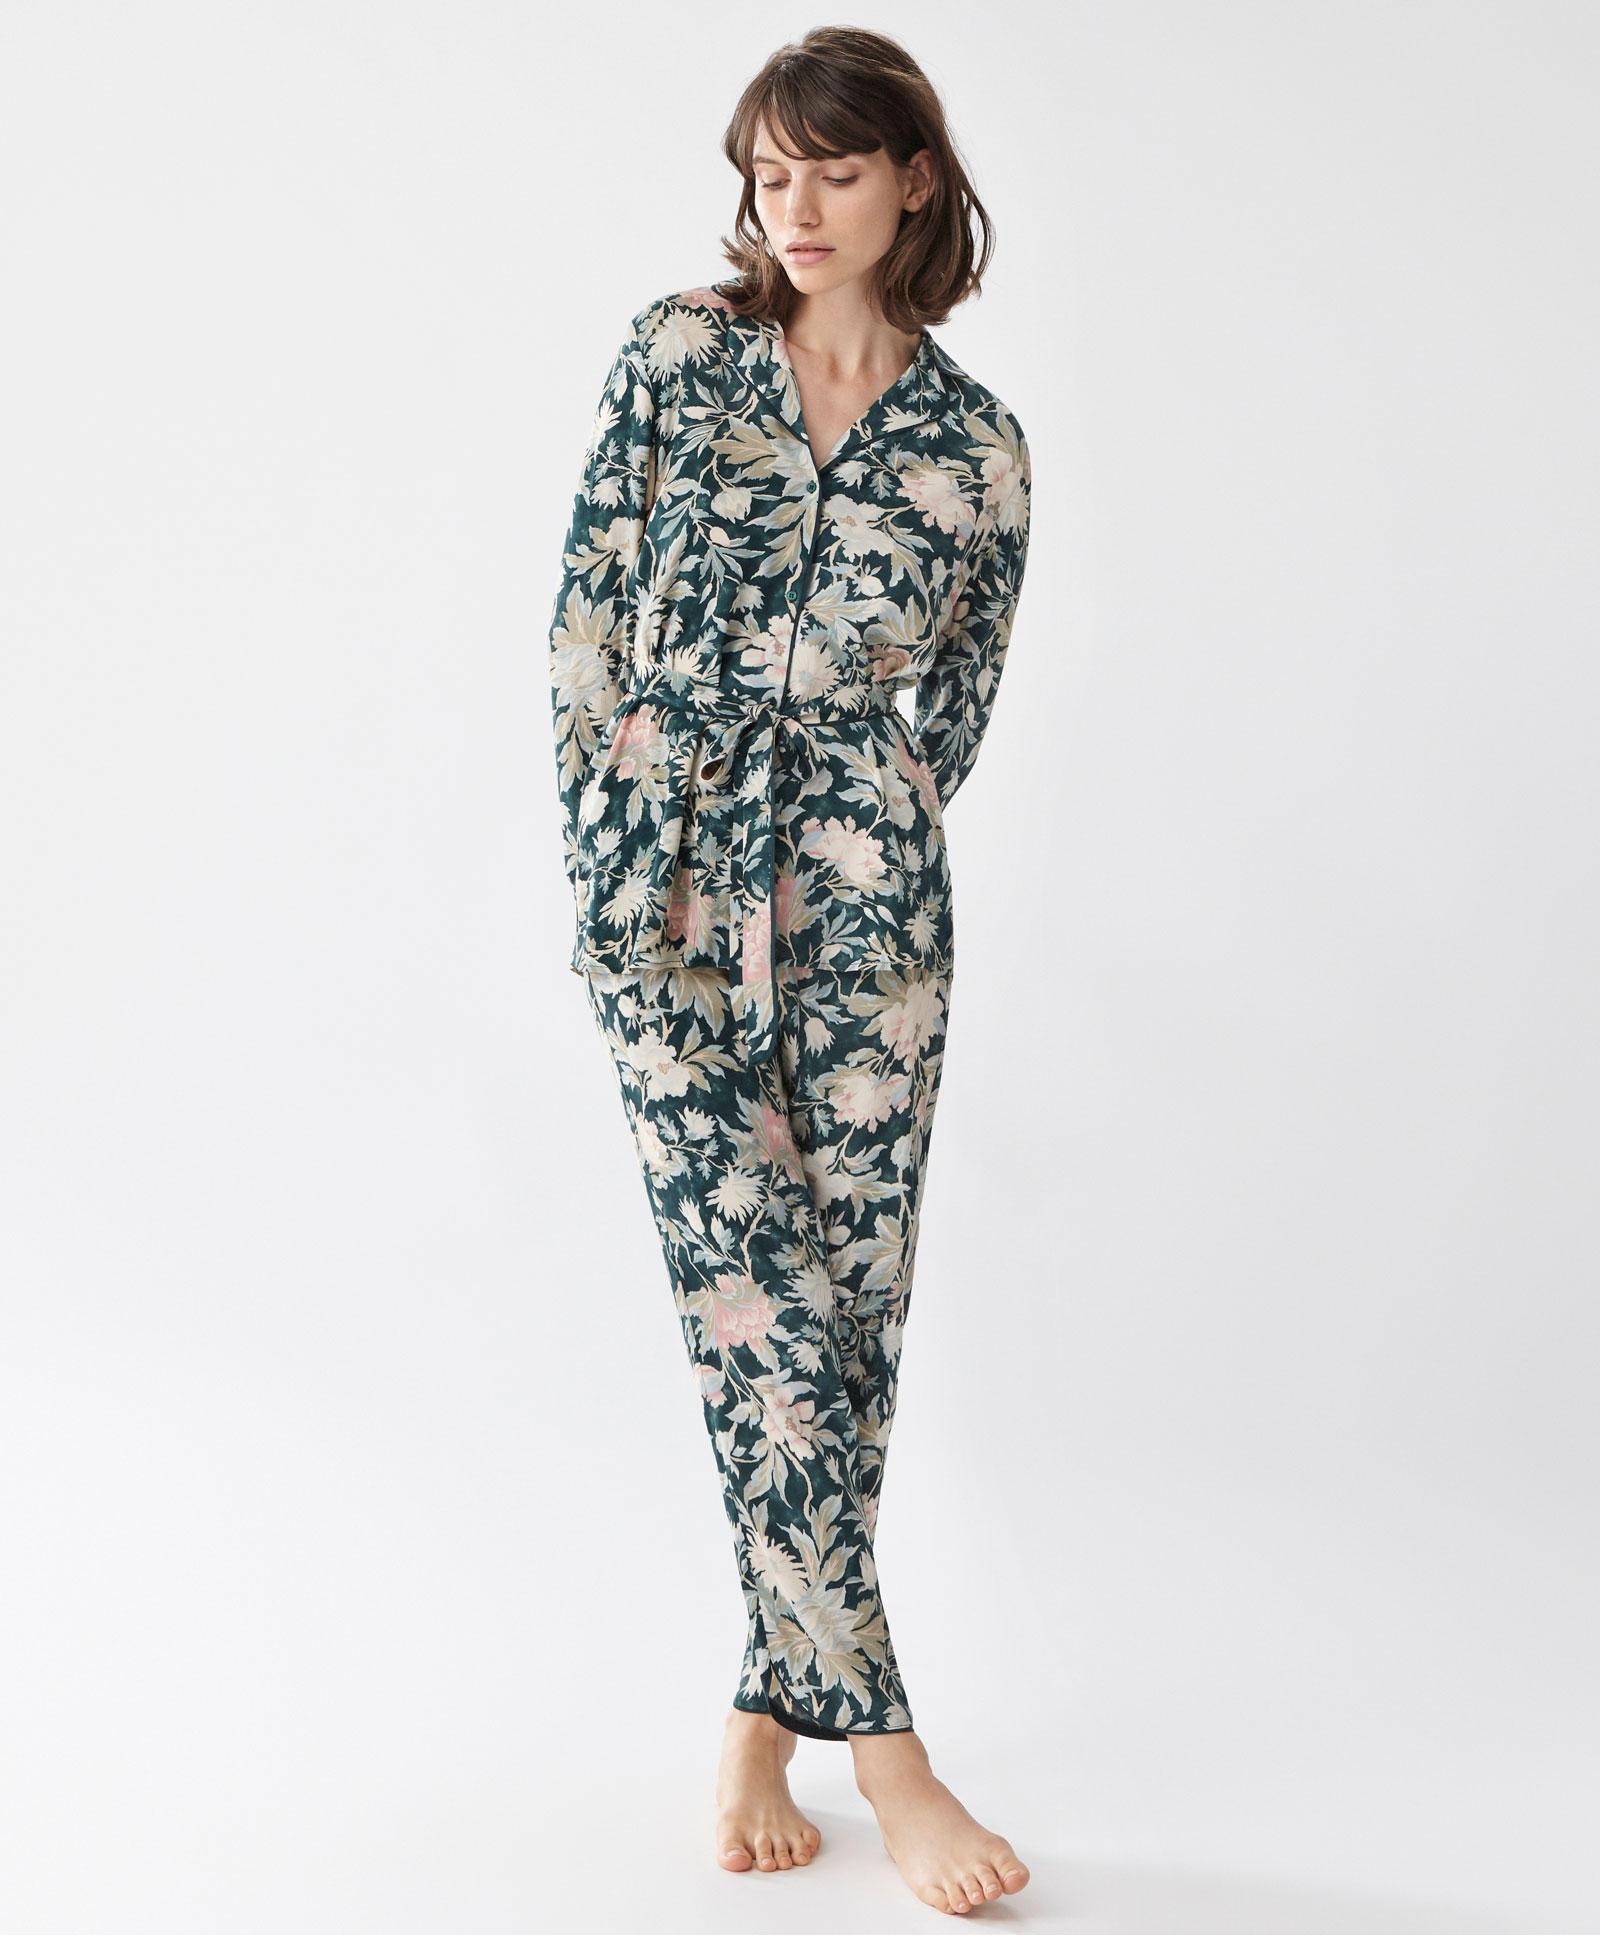 Homewear autunnale: i pigiami per essere fashion